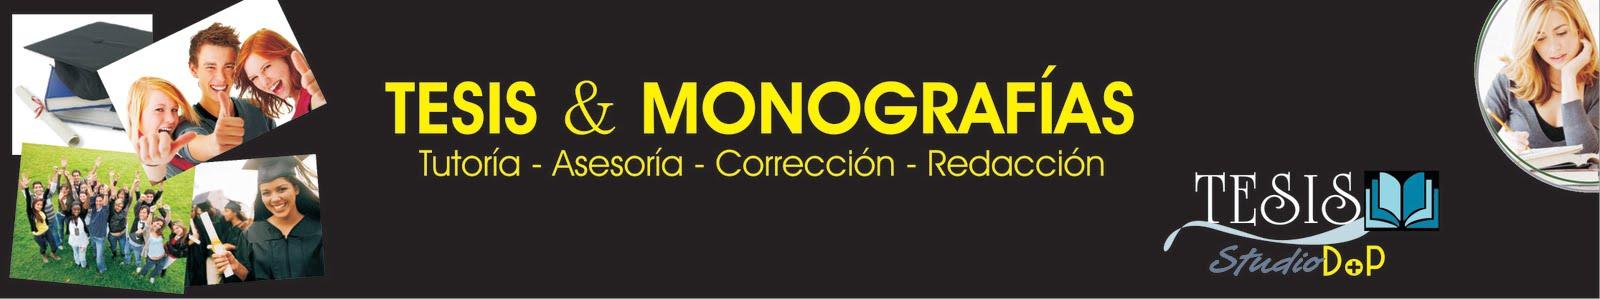 Tesis y Monografías en Paraguay